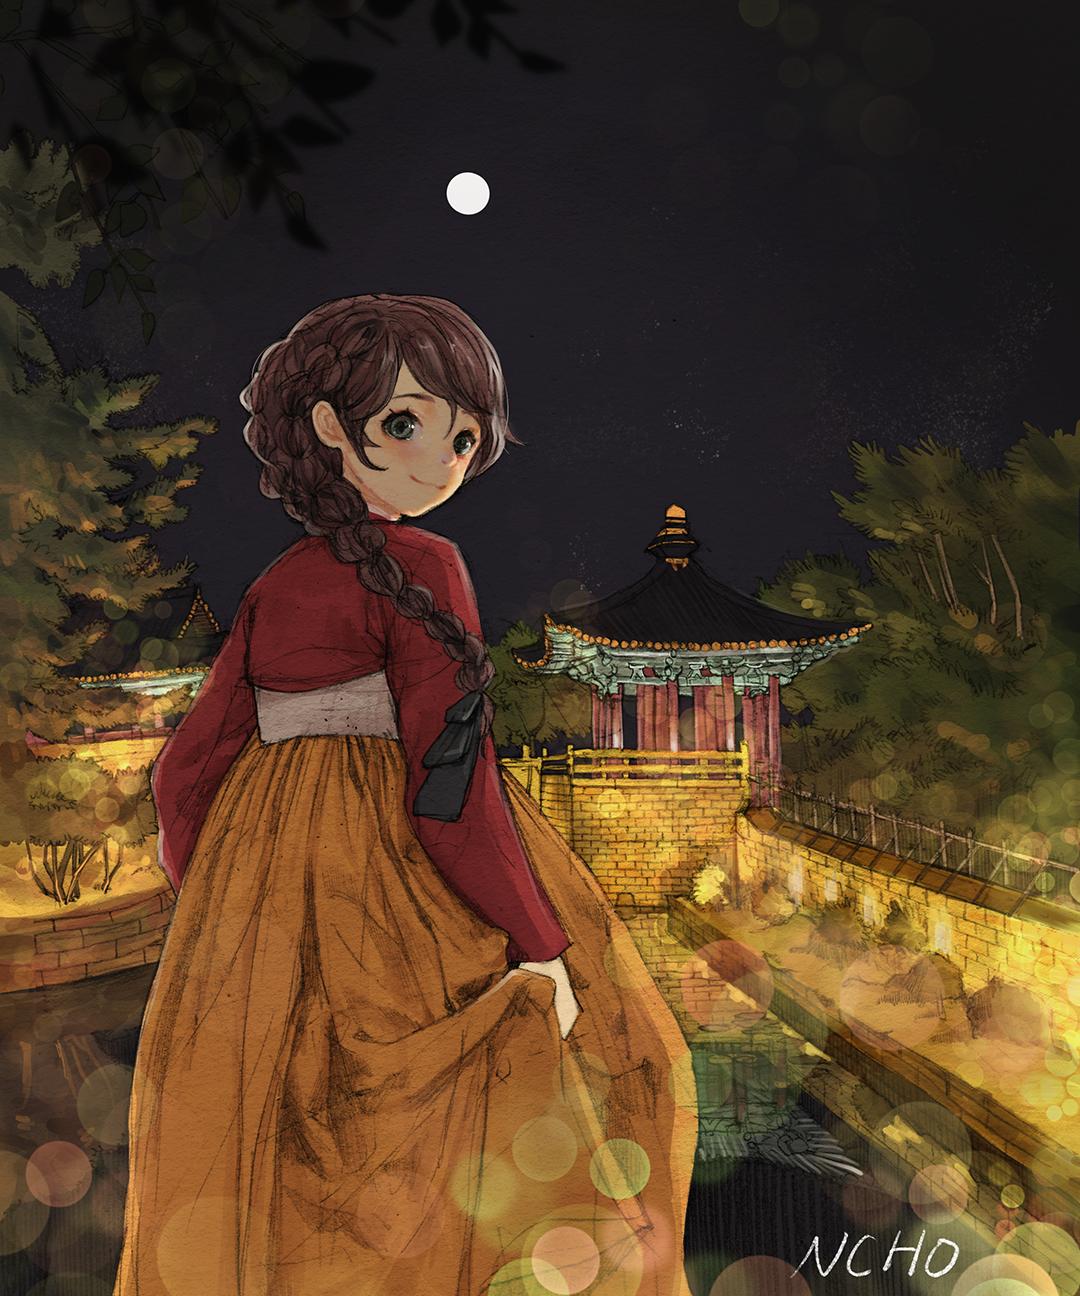 GirlsclubAsia-Illustrator-ncho (5)